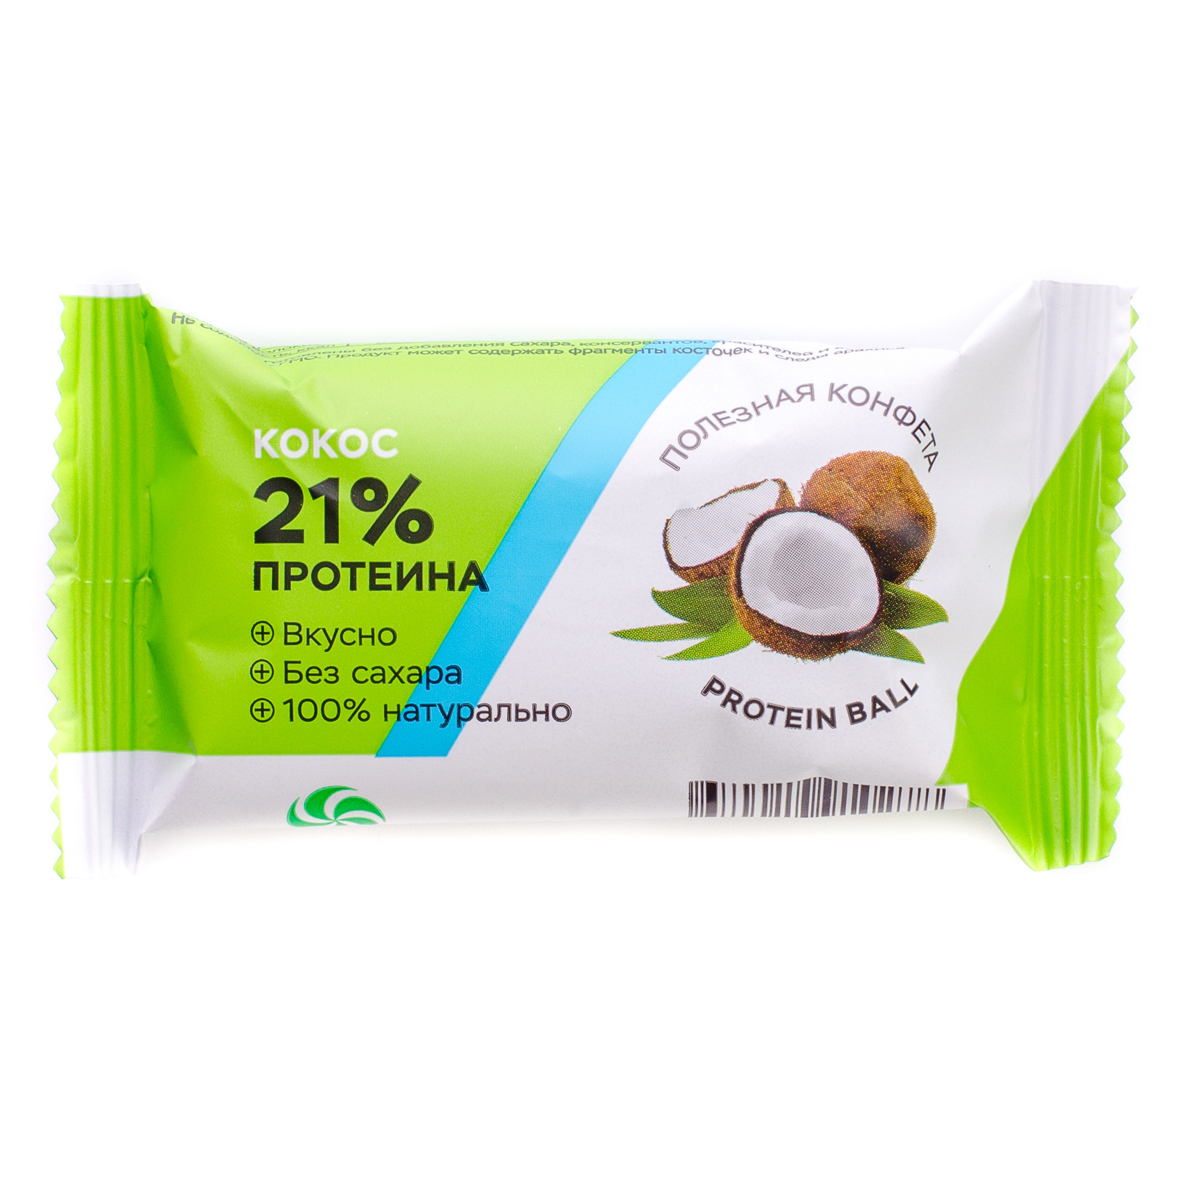 Набор полезных конфет Protein Ball. Кокос (12 упаковок по 2 конфеты)